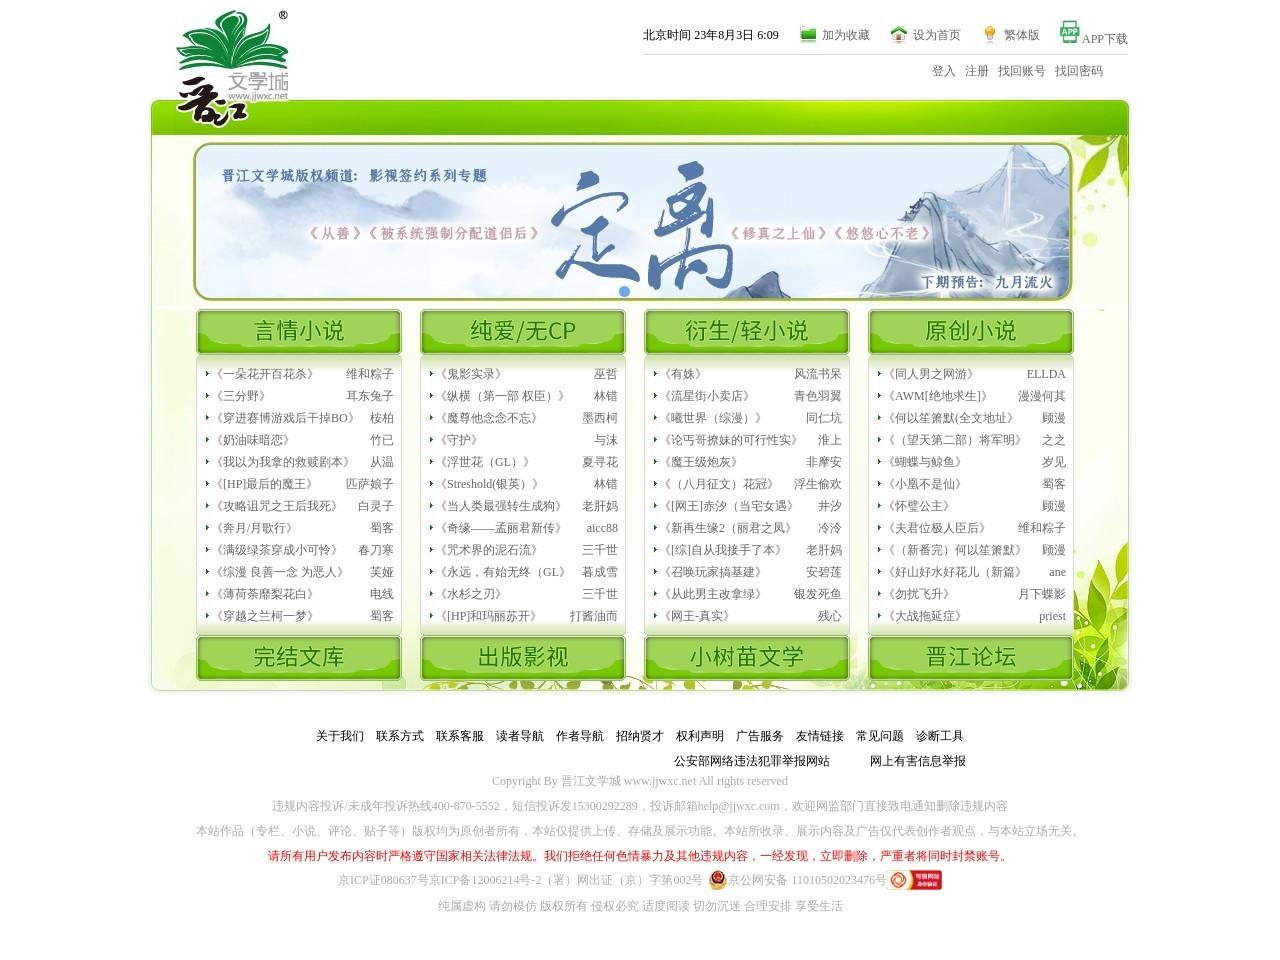 晋江文学城_女性网络文学原创基地